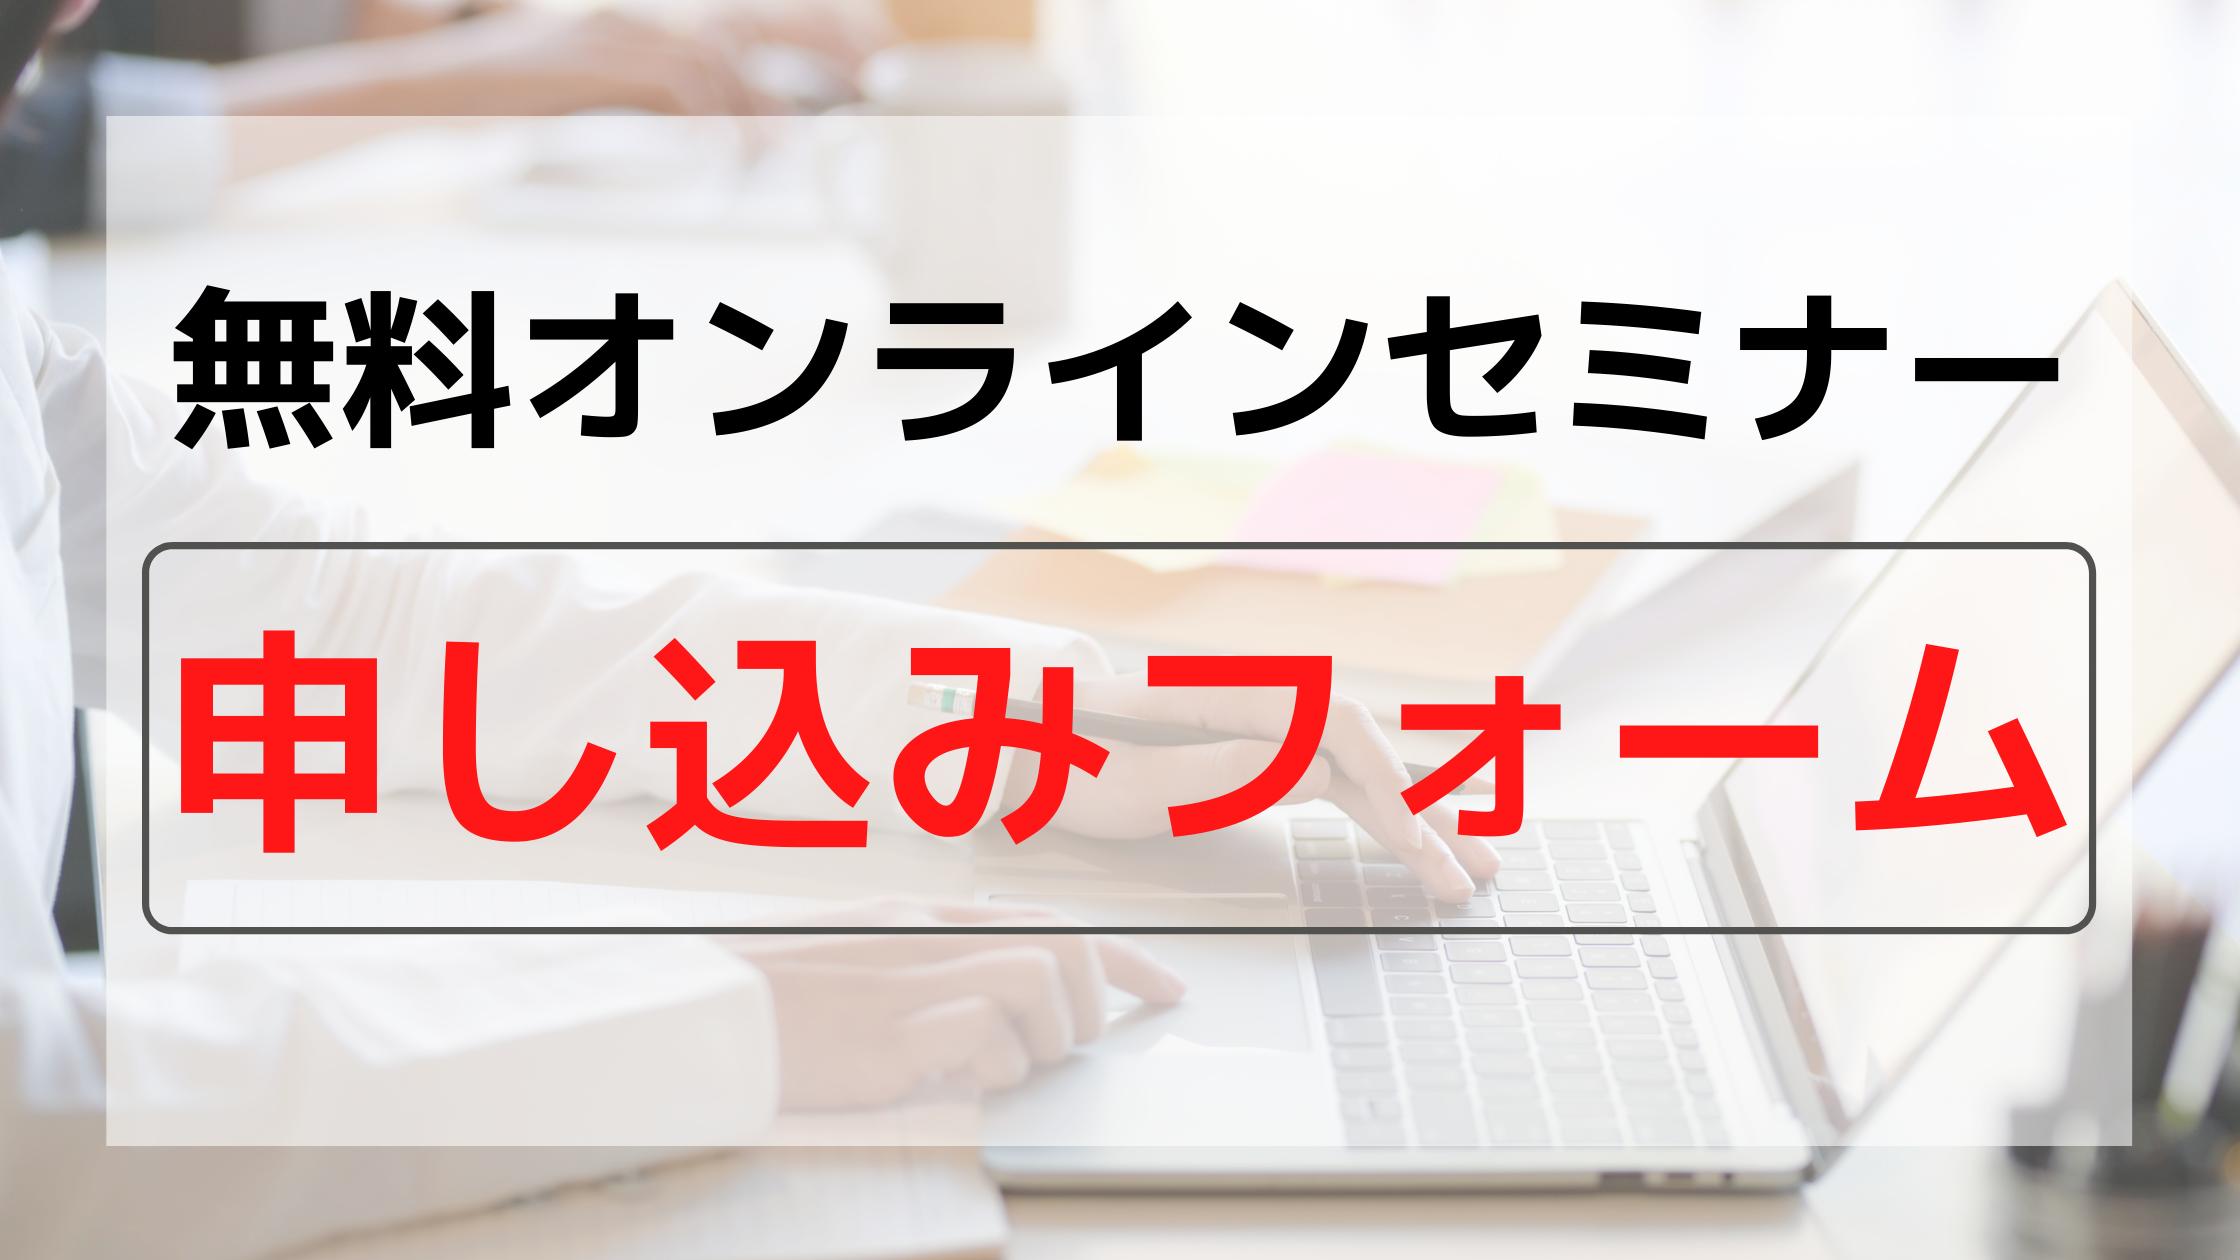 無料オンラインセミナー申し込みフォーム